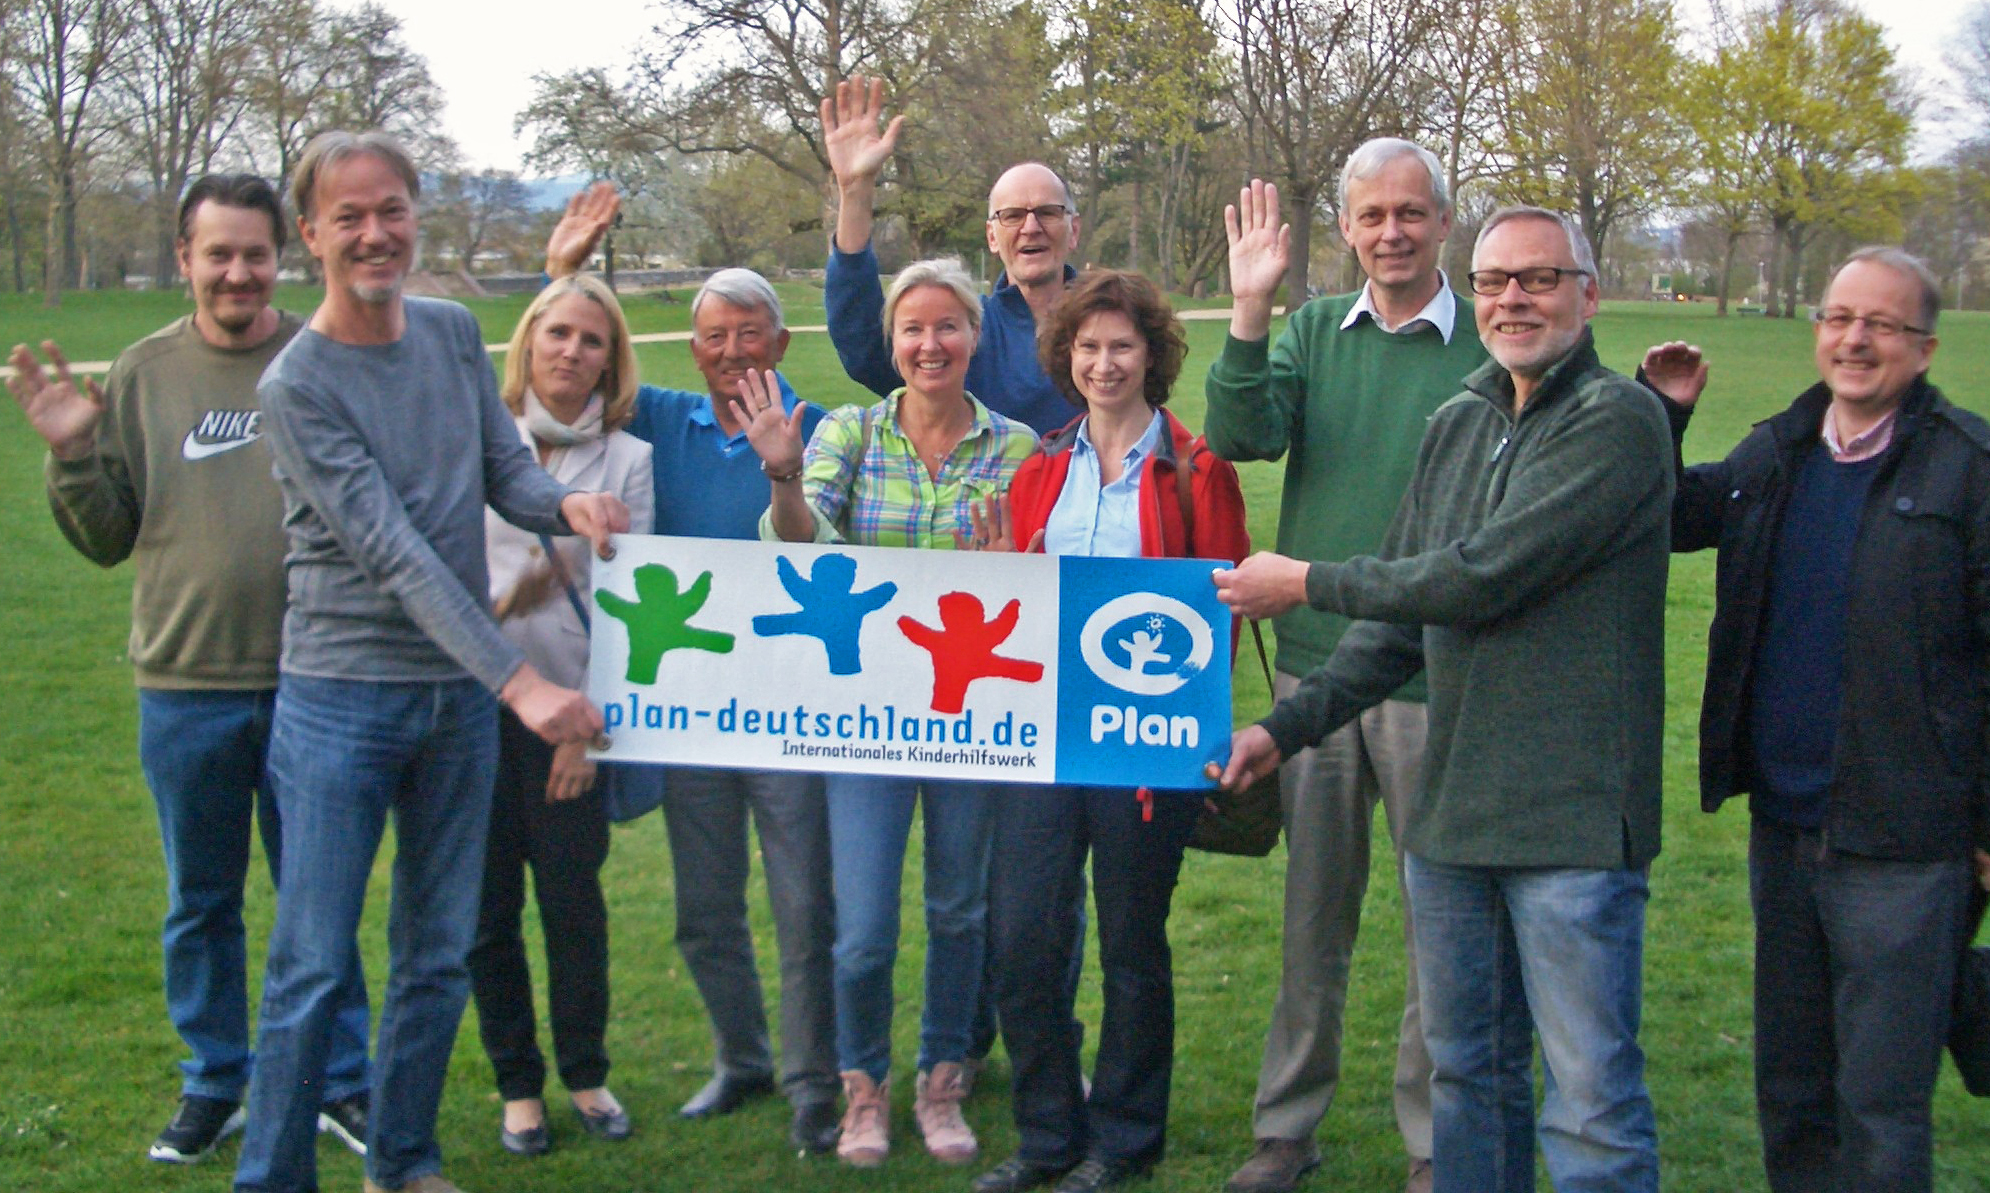 Liebe Grüße von der AG Mainz-Wiesbaden